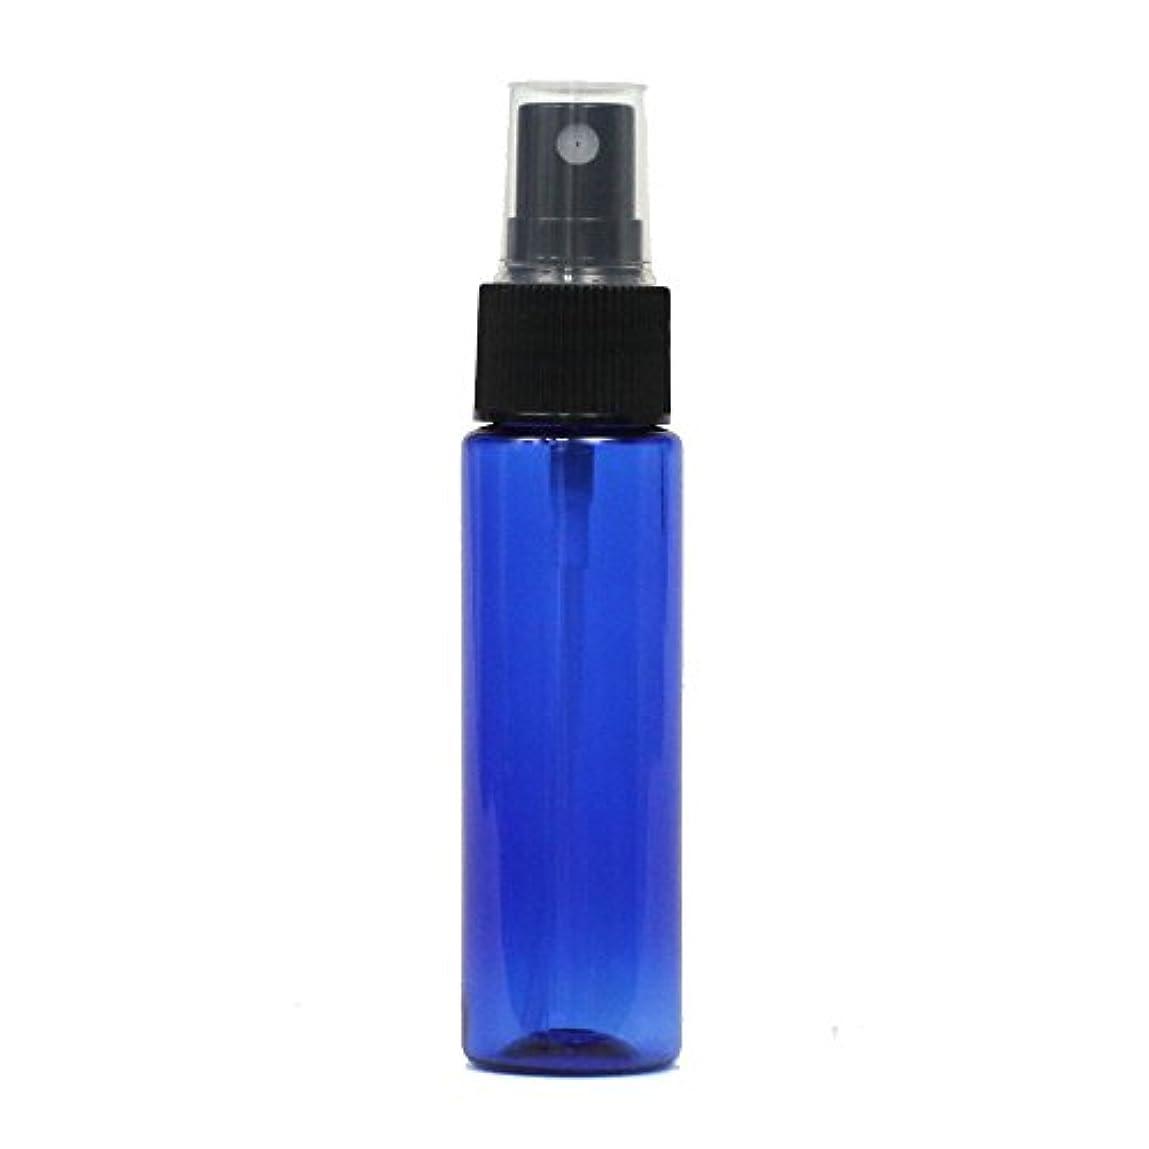 ヘロイン持つ告発スプレーボトル 30mL ブルー 3本セット 空容器 おしゃれアトマイザー